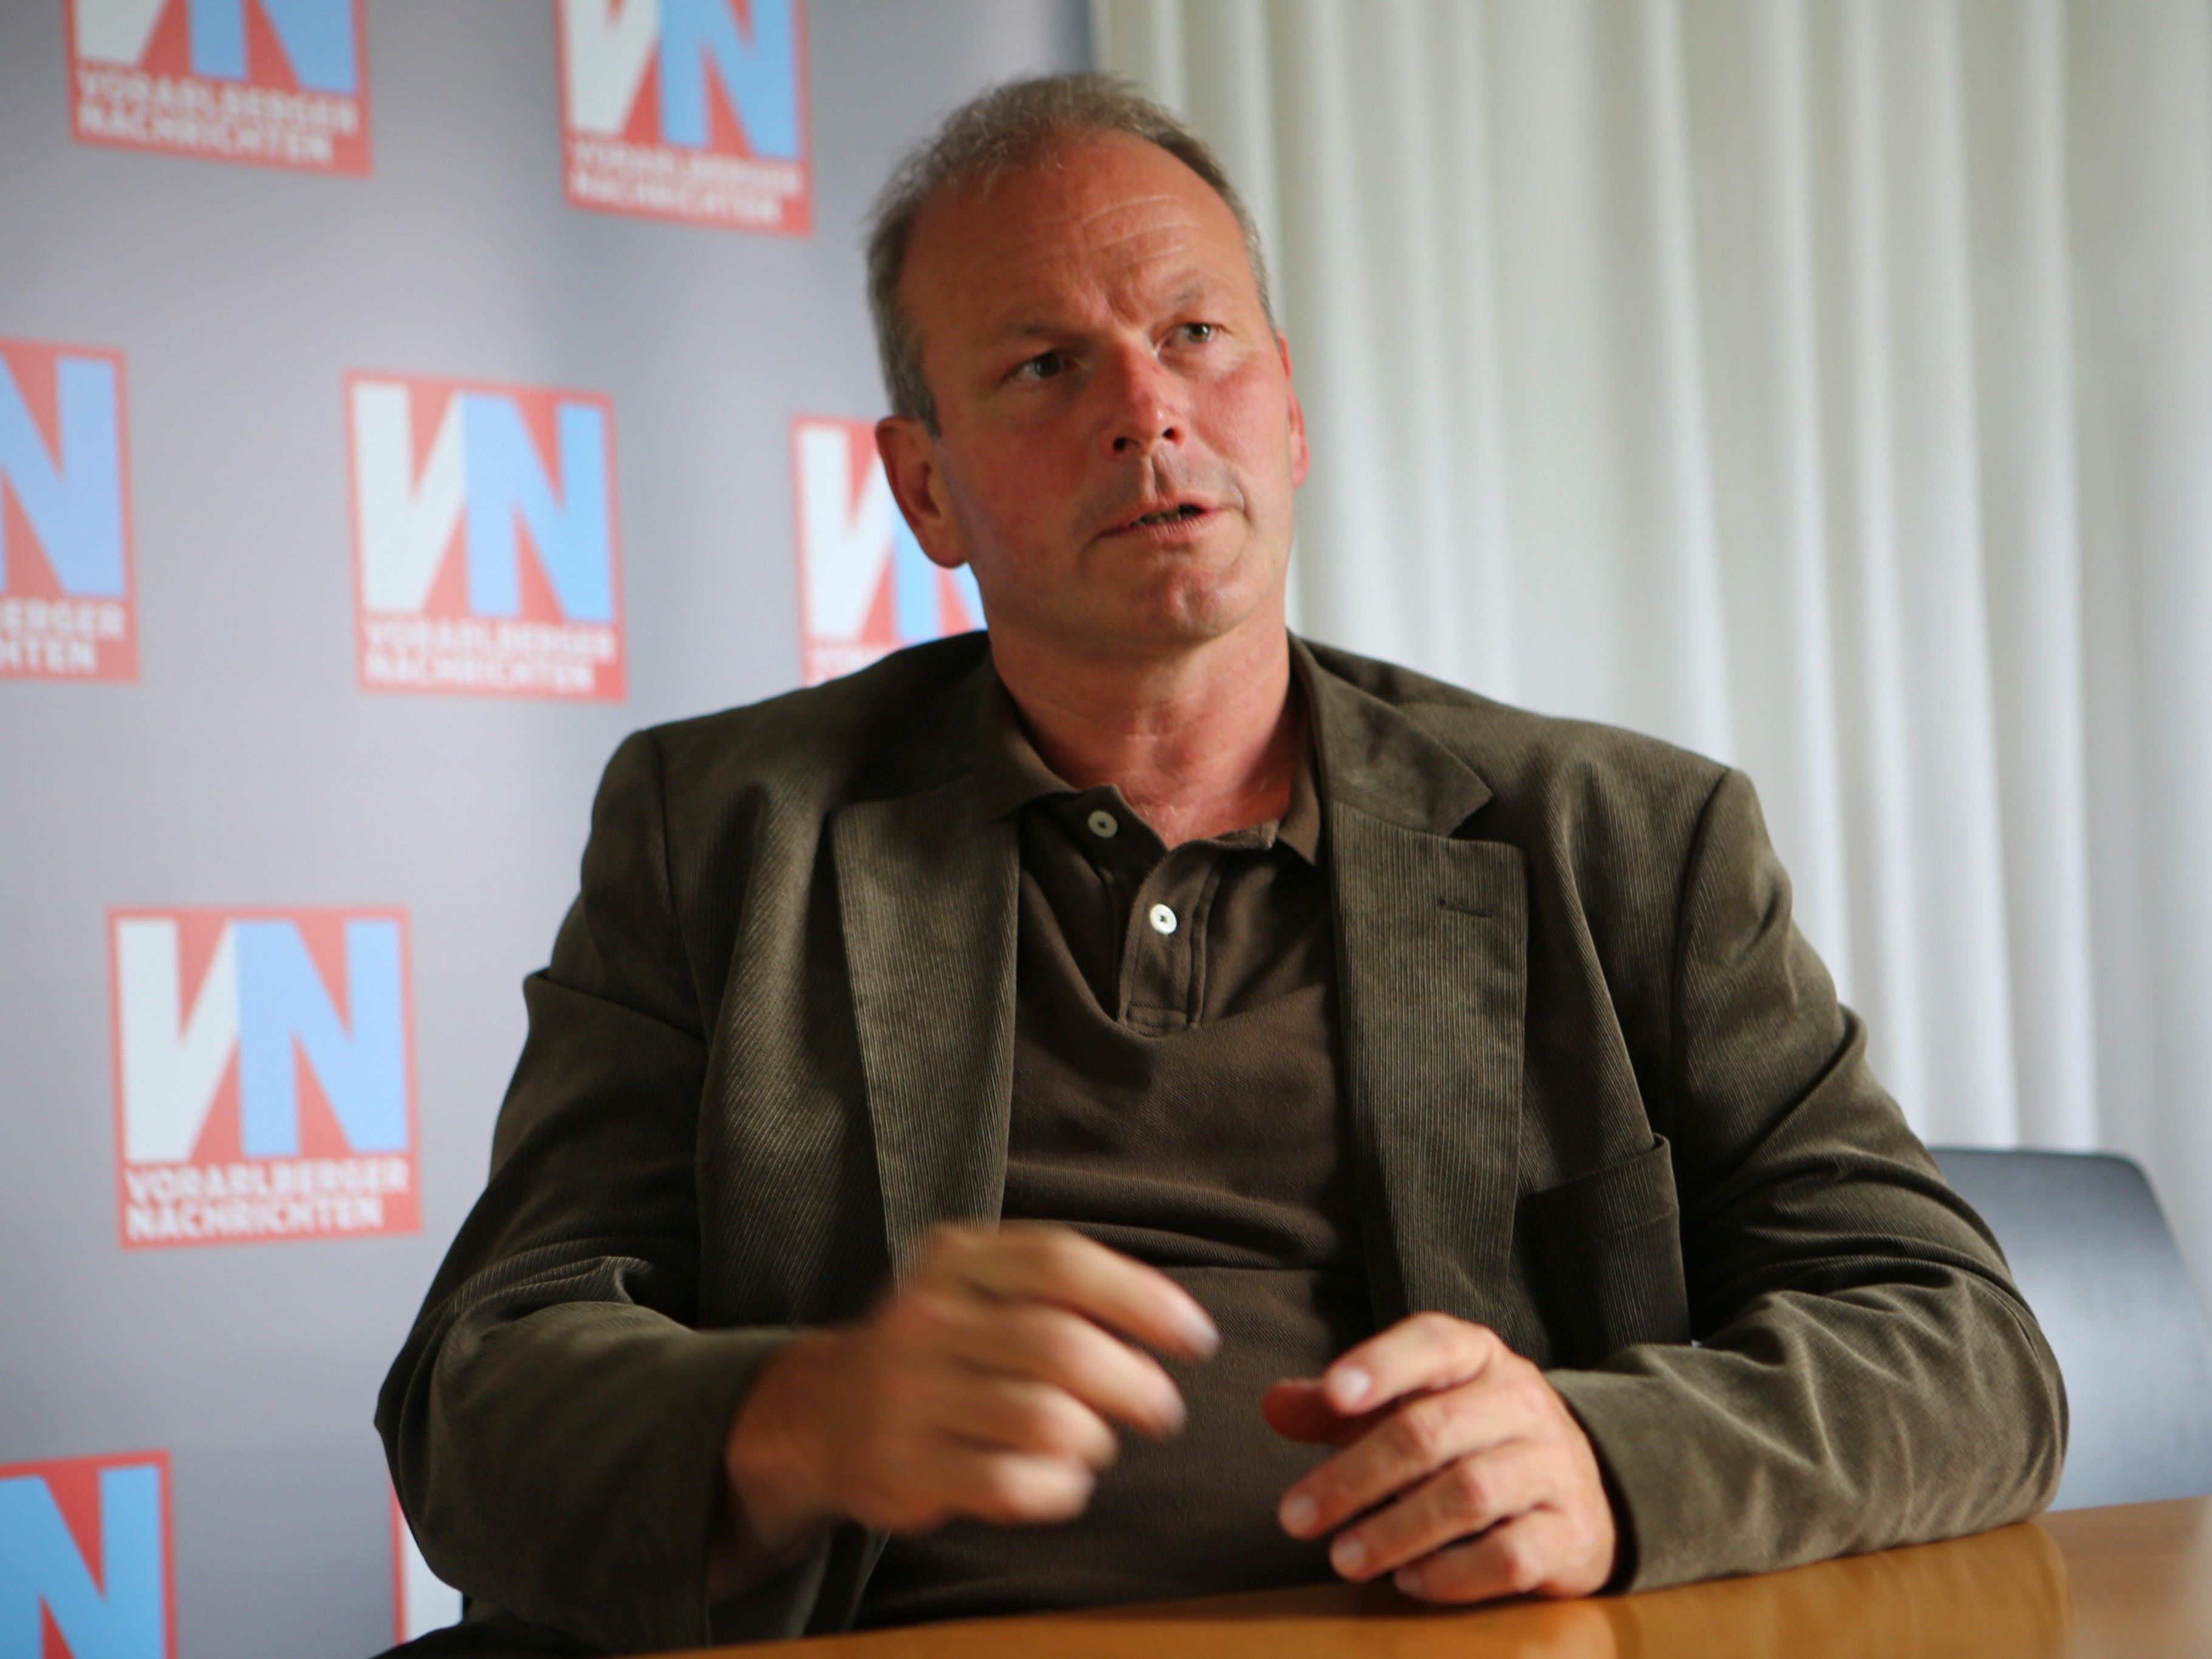 Bürgermeister Christian Loacker nimmt die Vorwürfe gelassen zur Kenntnis.